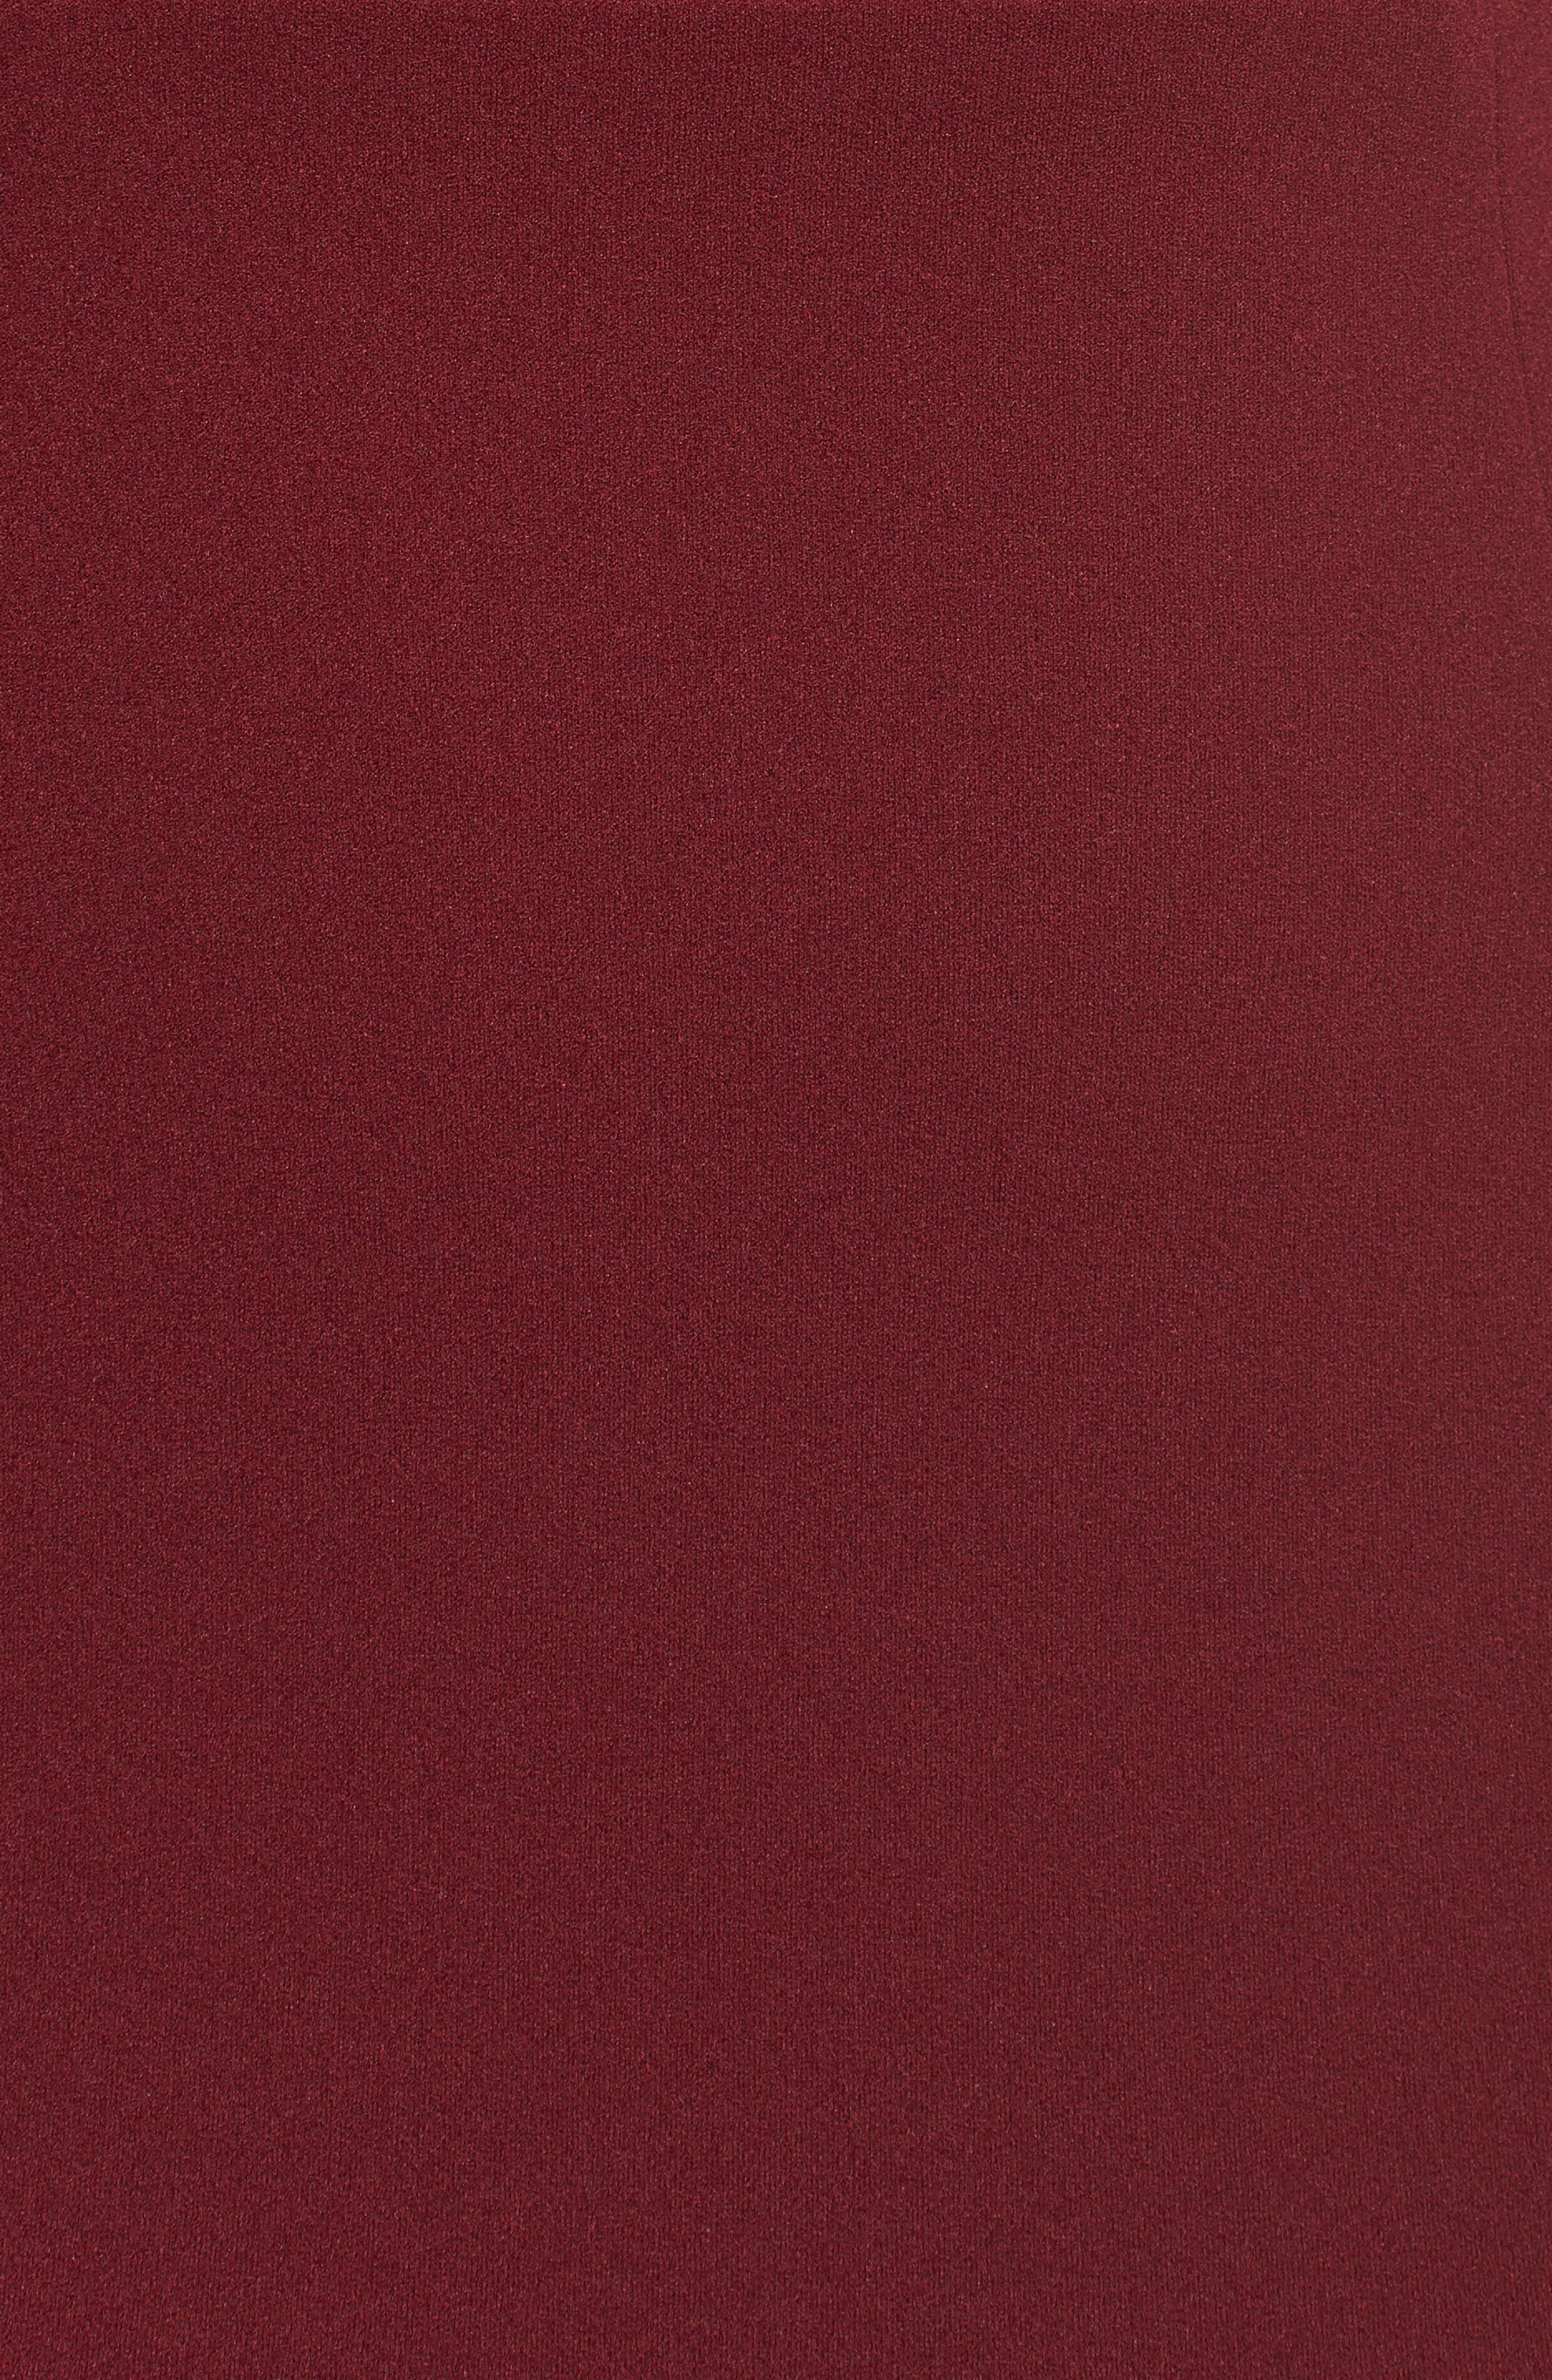 Legacy Crepe Body-Con Gown,                             Alternate thumbnail 5, color,                             BORDEAUX